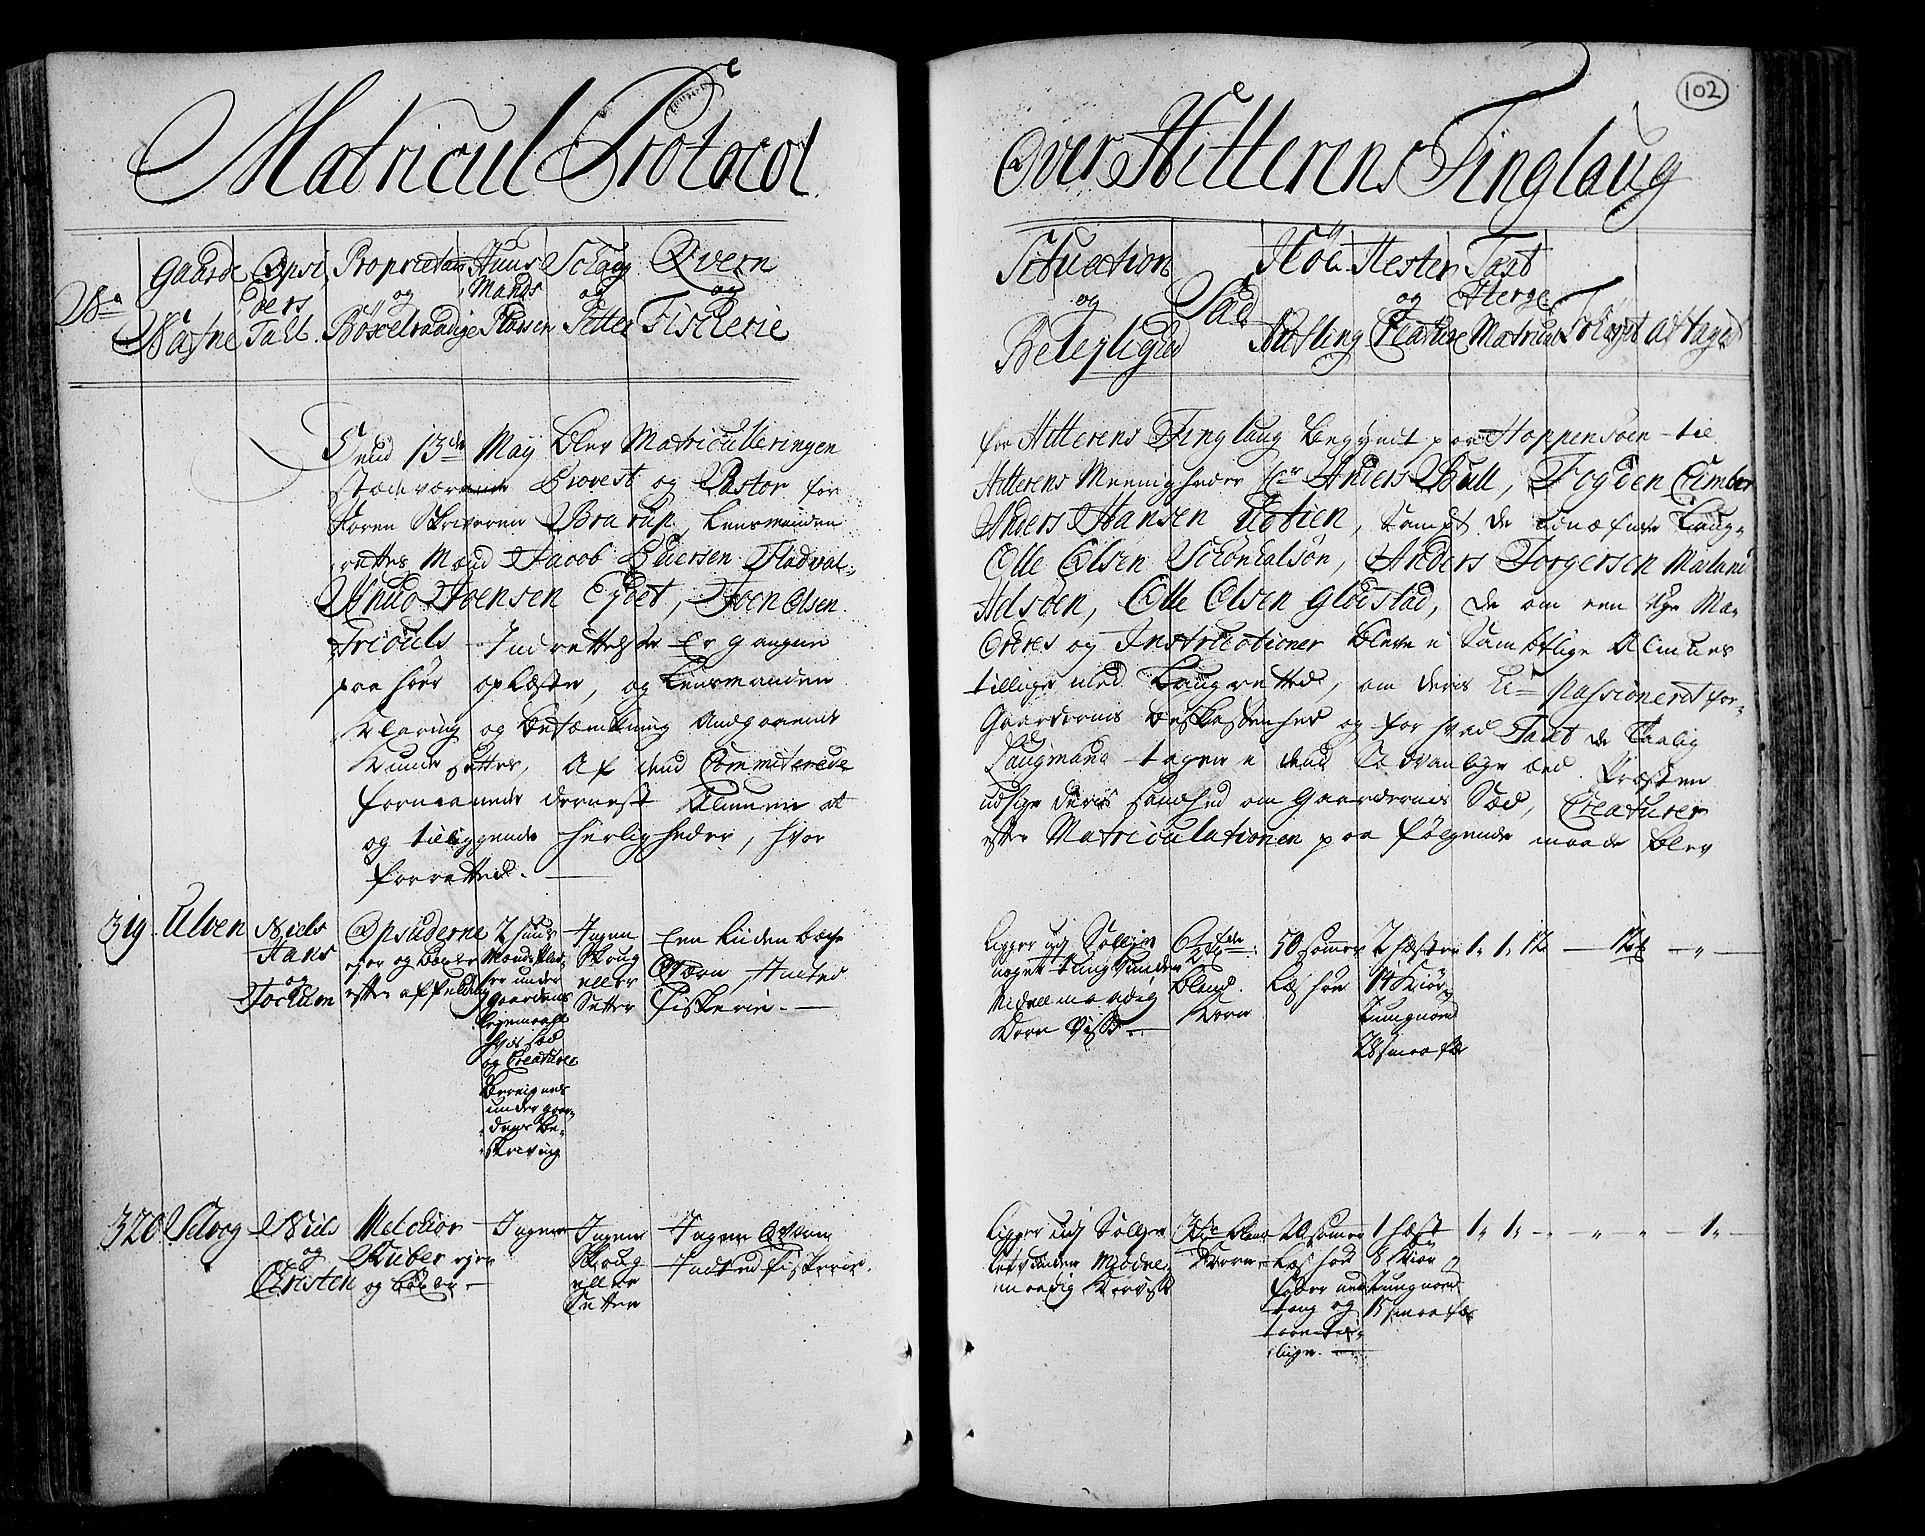 RA, Rentekammeret inntil 1814, Realistisk ordnet avdeling, N/Nb/Nbf/L0162: Fosen eksaminasjonsprotokoll, 1723, s. 101b-102a